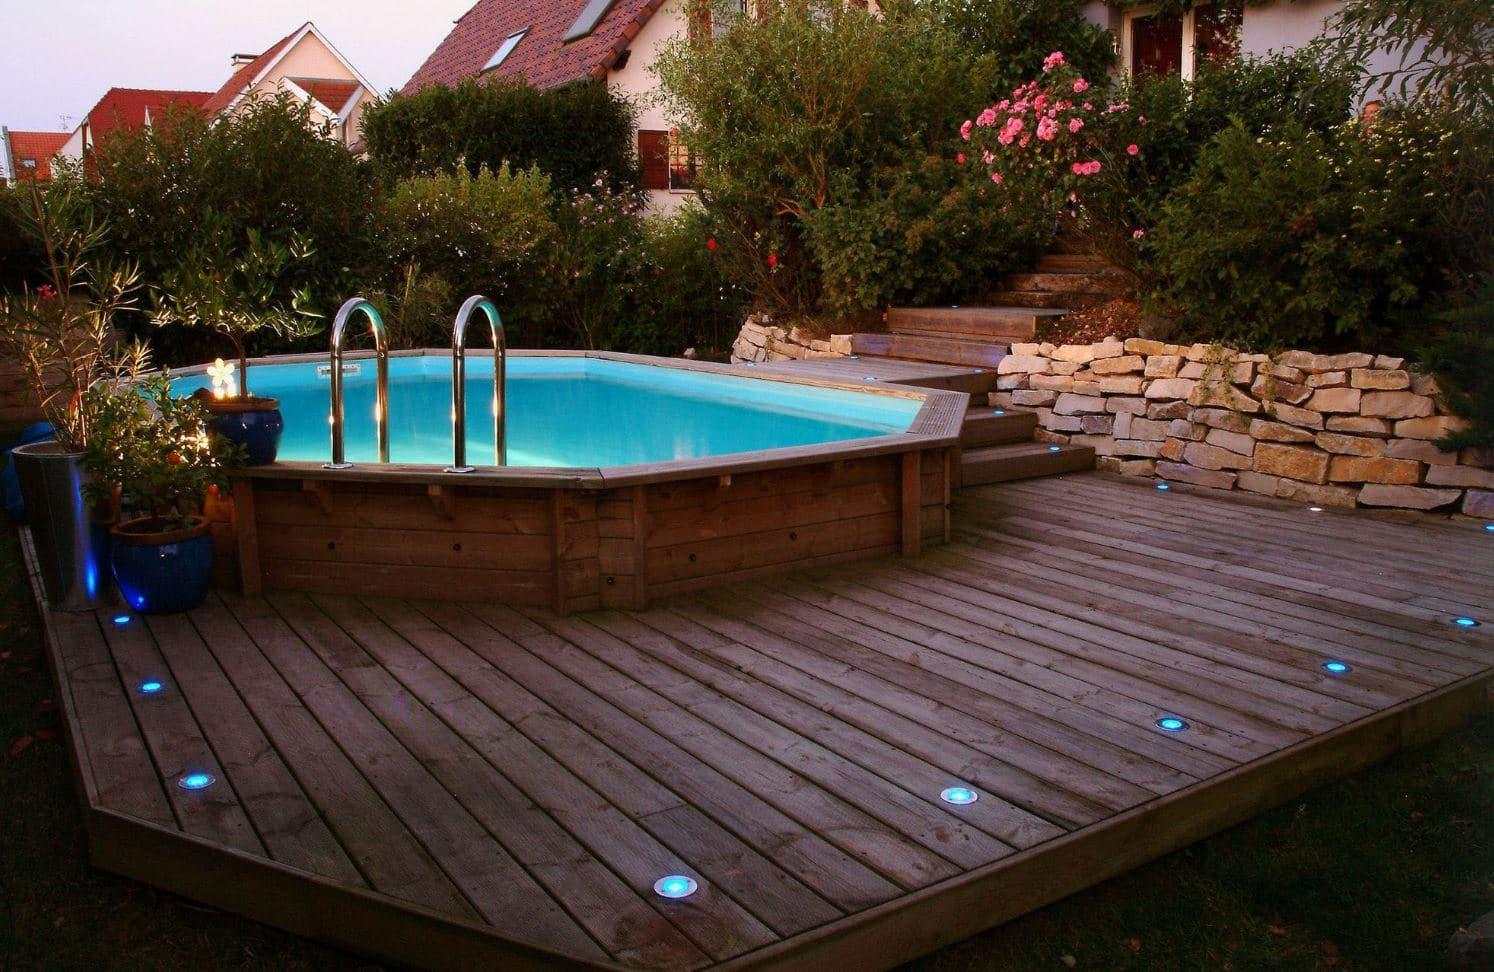 Piscine Tubulaire Terrasse Bois piscine bois semi enterrée : sélection des meilleurs modèles